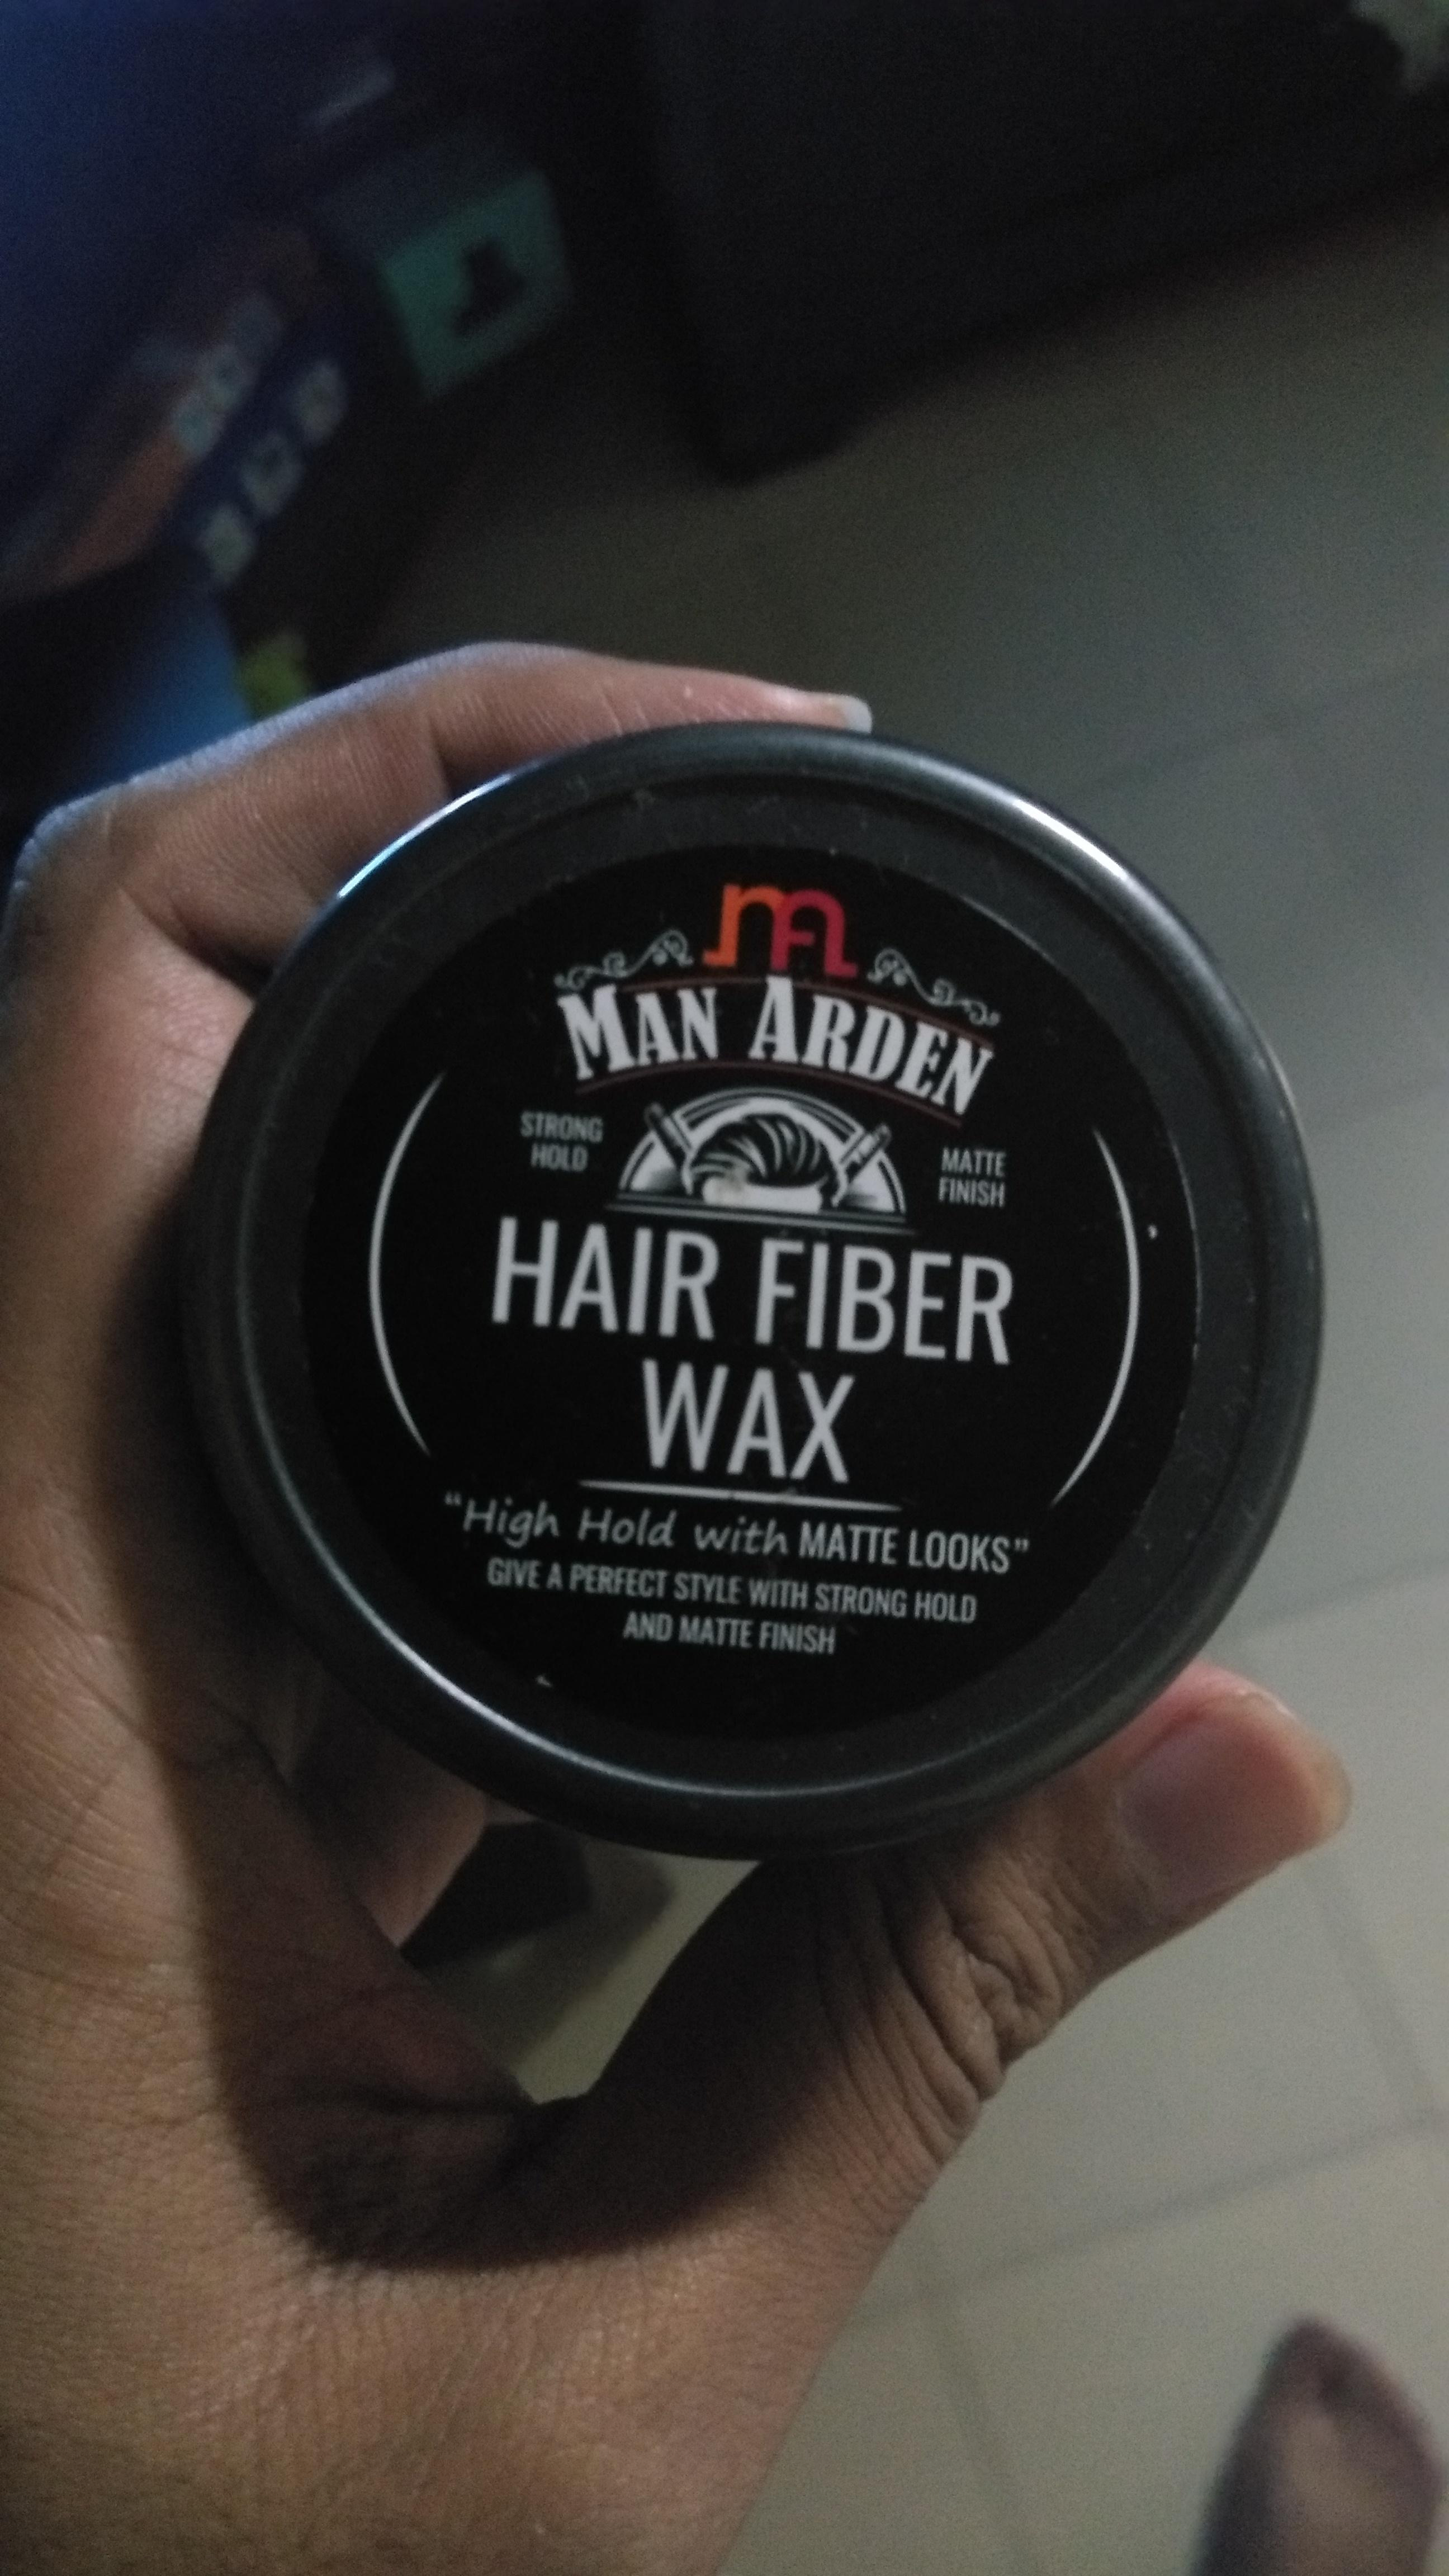 Man Arden Hair Fiber Wax-Best hairstyle product-By pravinrane